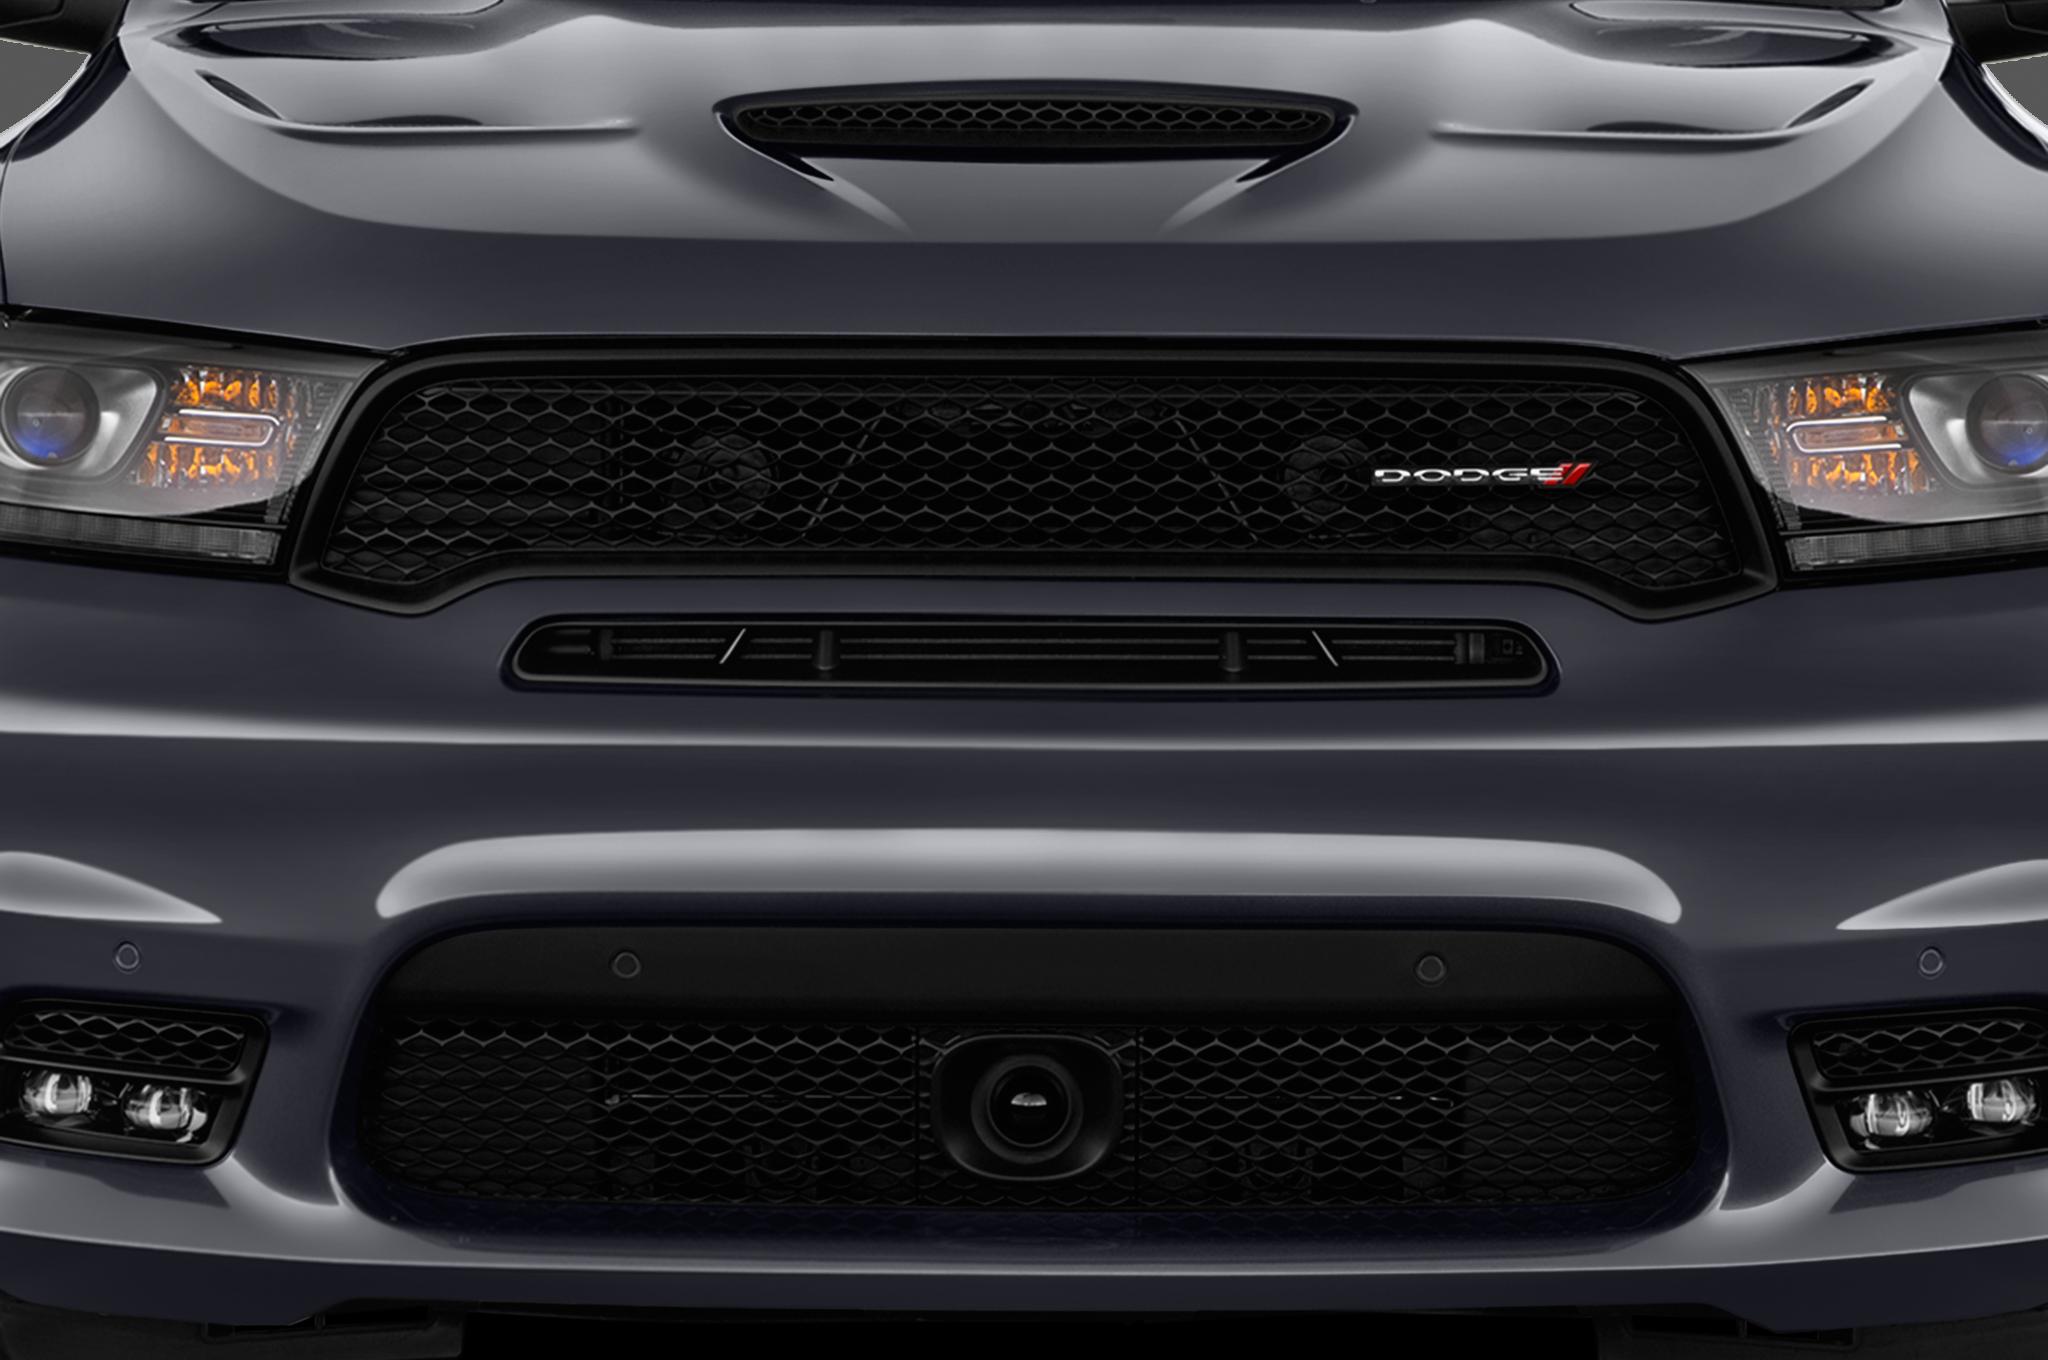 Dodge Durango Srt >> 2018 Dodge Durango R/T and SRT Gets Stripes and More Mopar Performance Goodies | Automobile Magazine